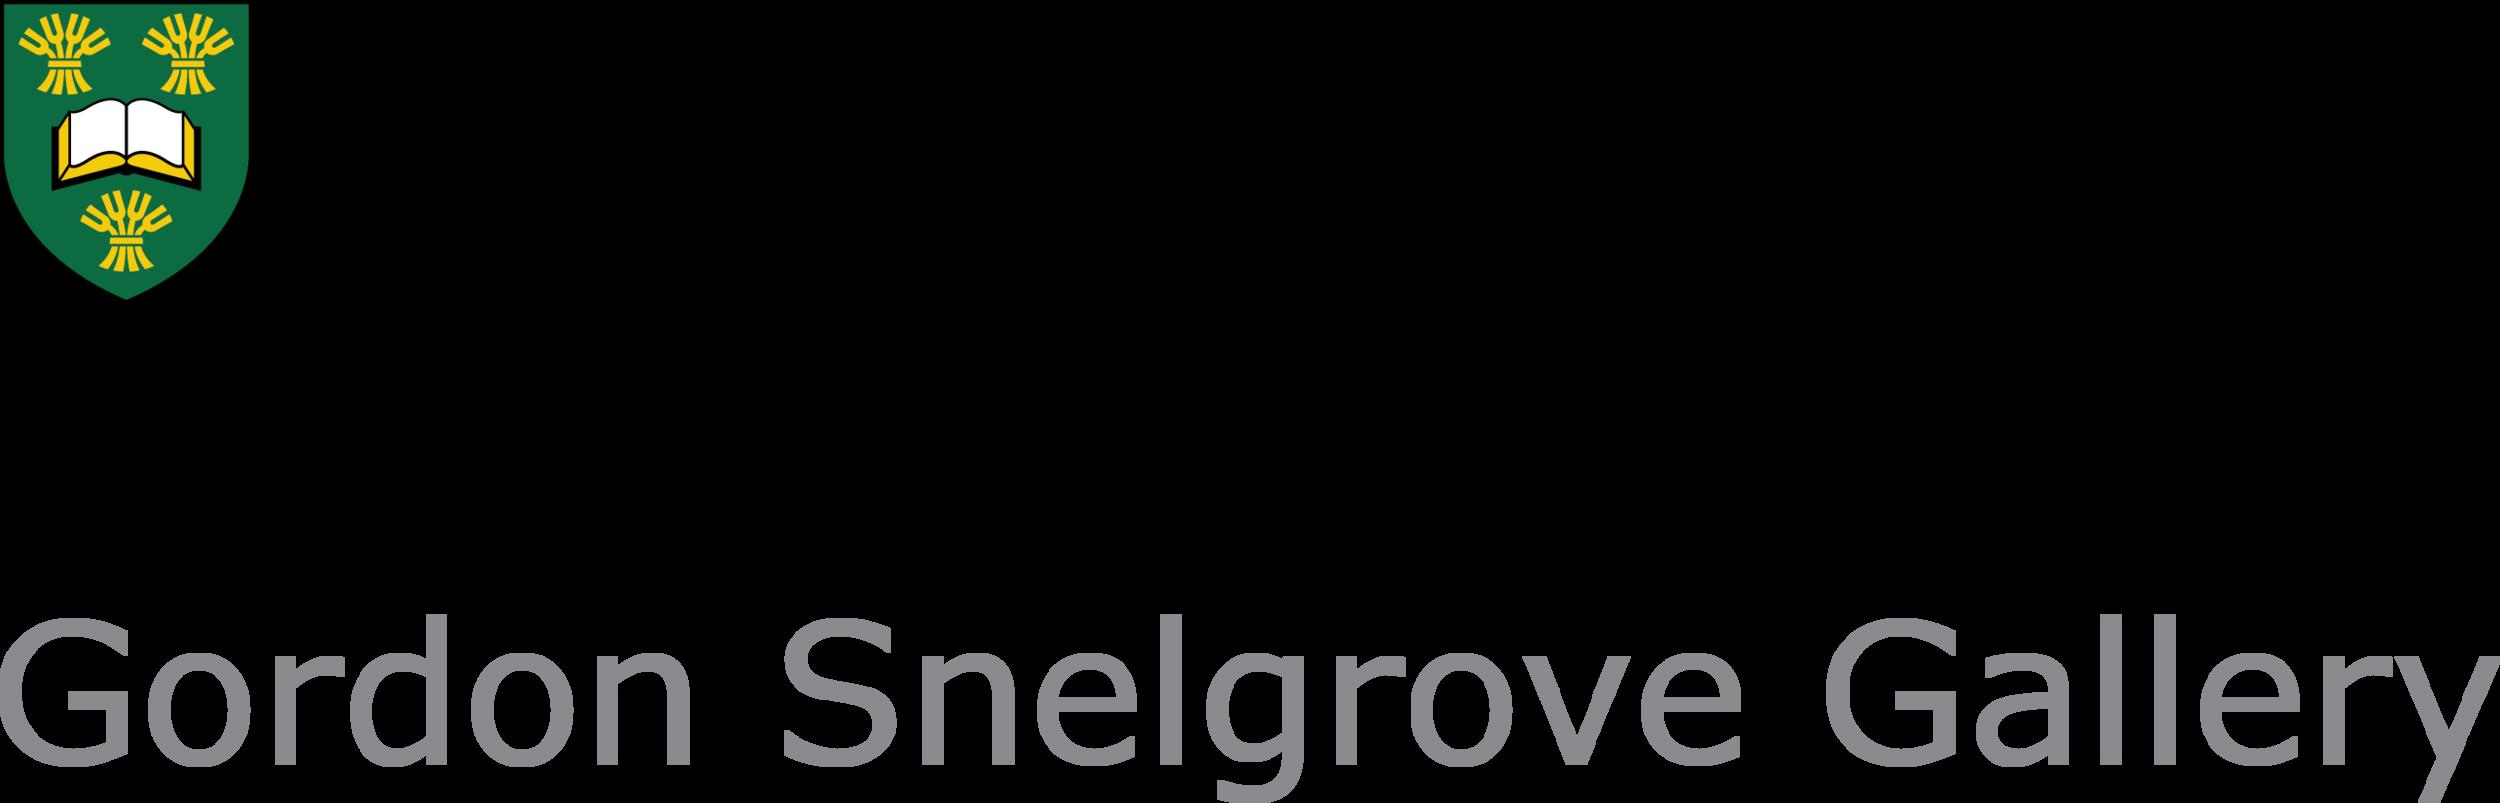 Gordon Snelgrove Gallery 1a.png